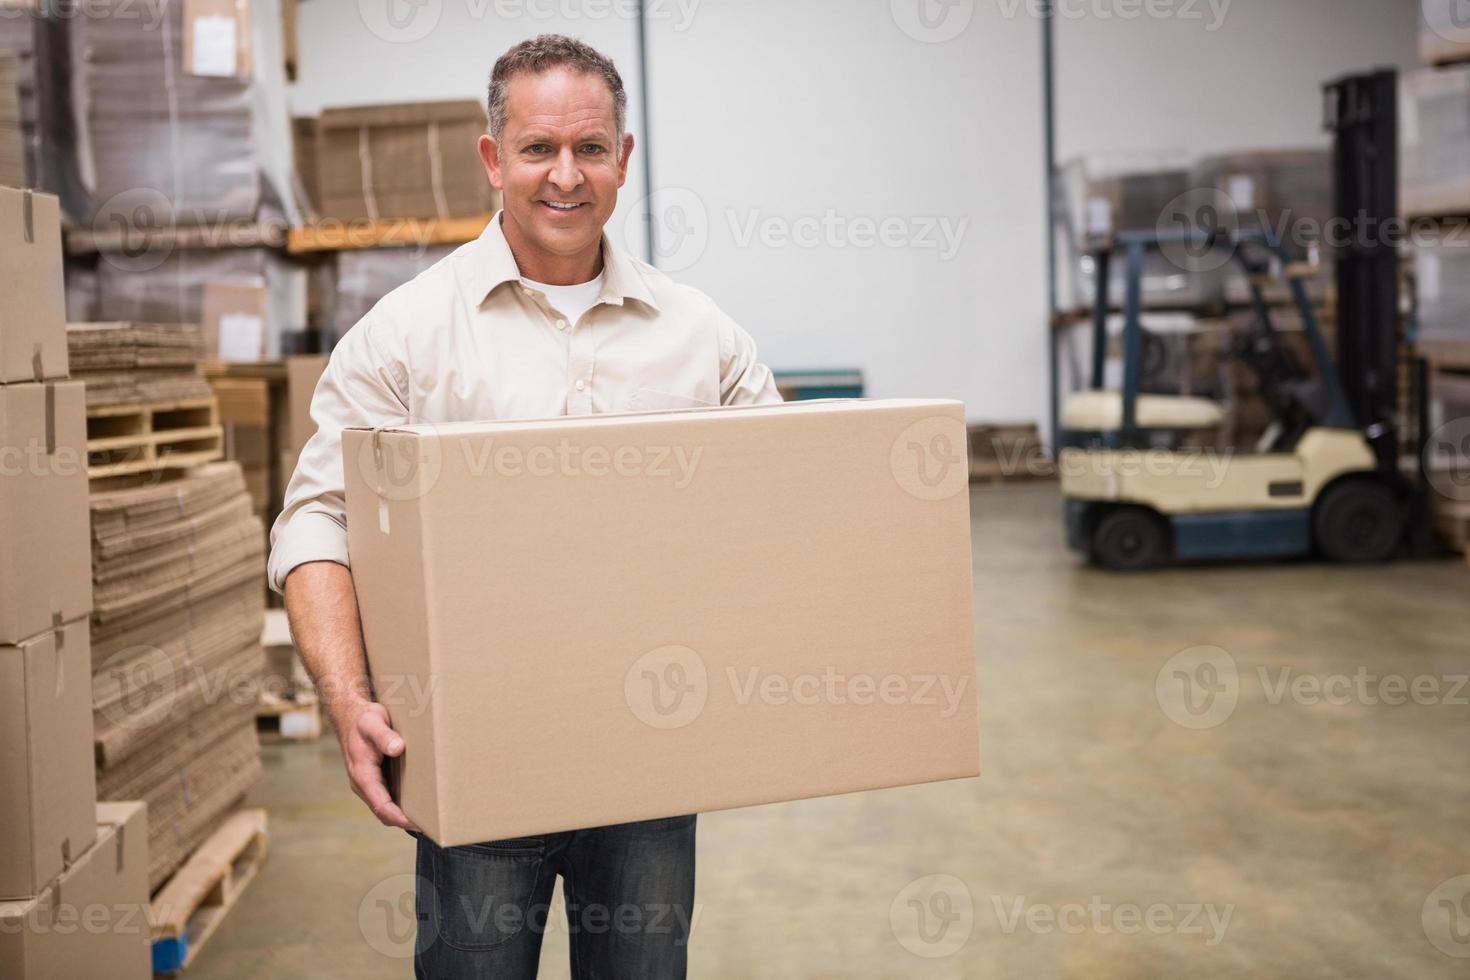 le arbetare som bär en låda foto